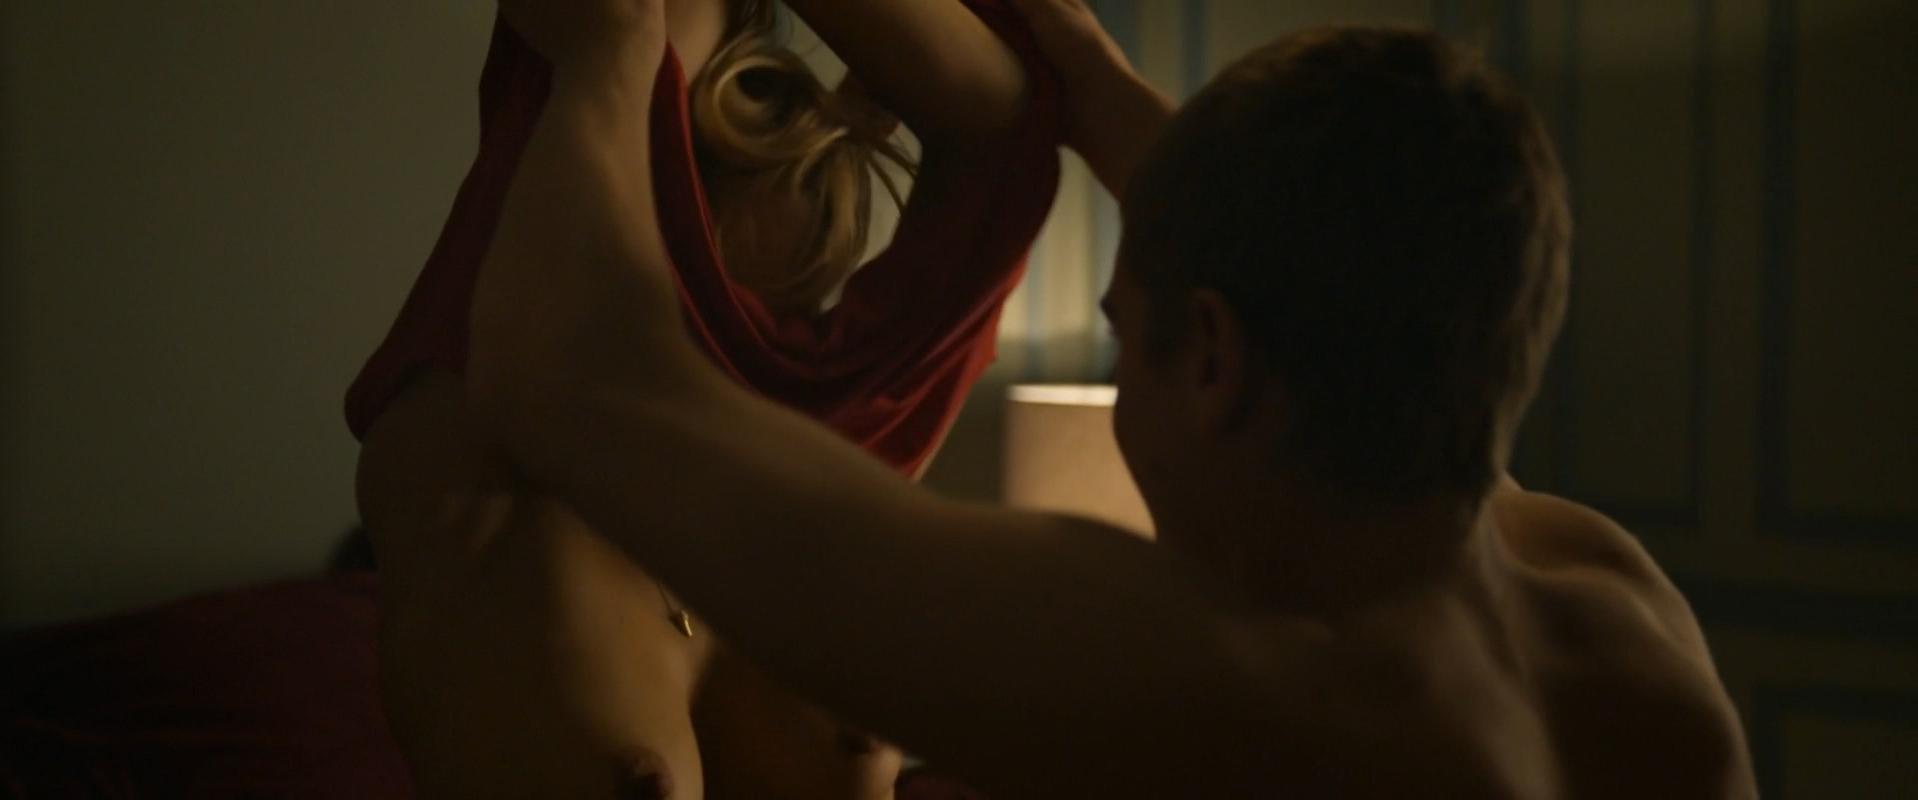 Paulina gaitan nude in eddie reynolds y los angeles de acero - 1 part 5